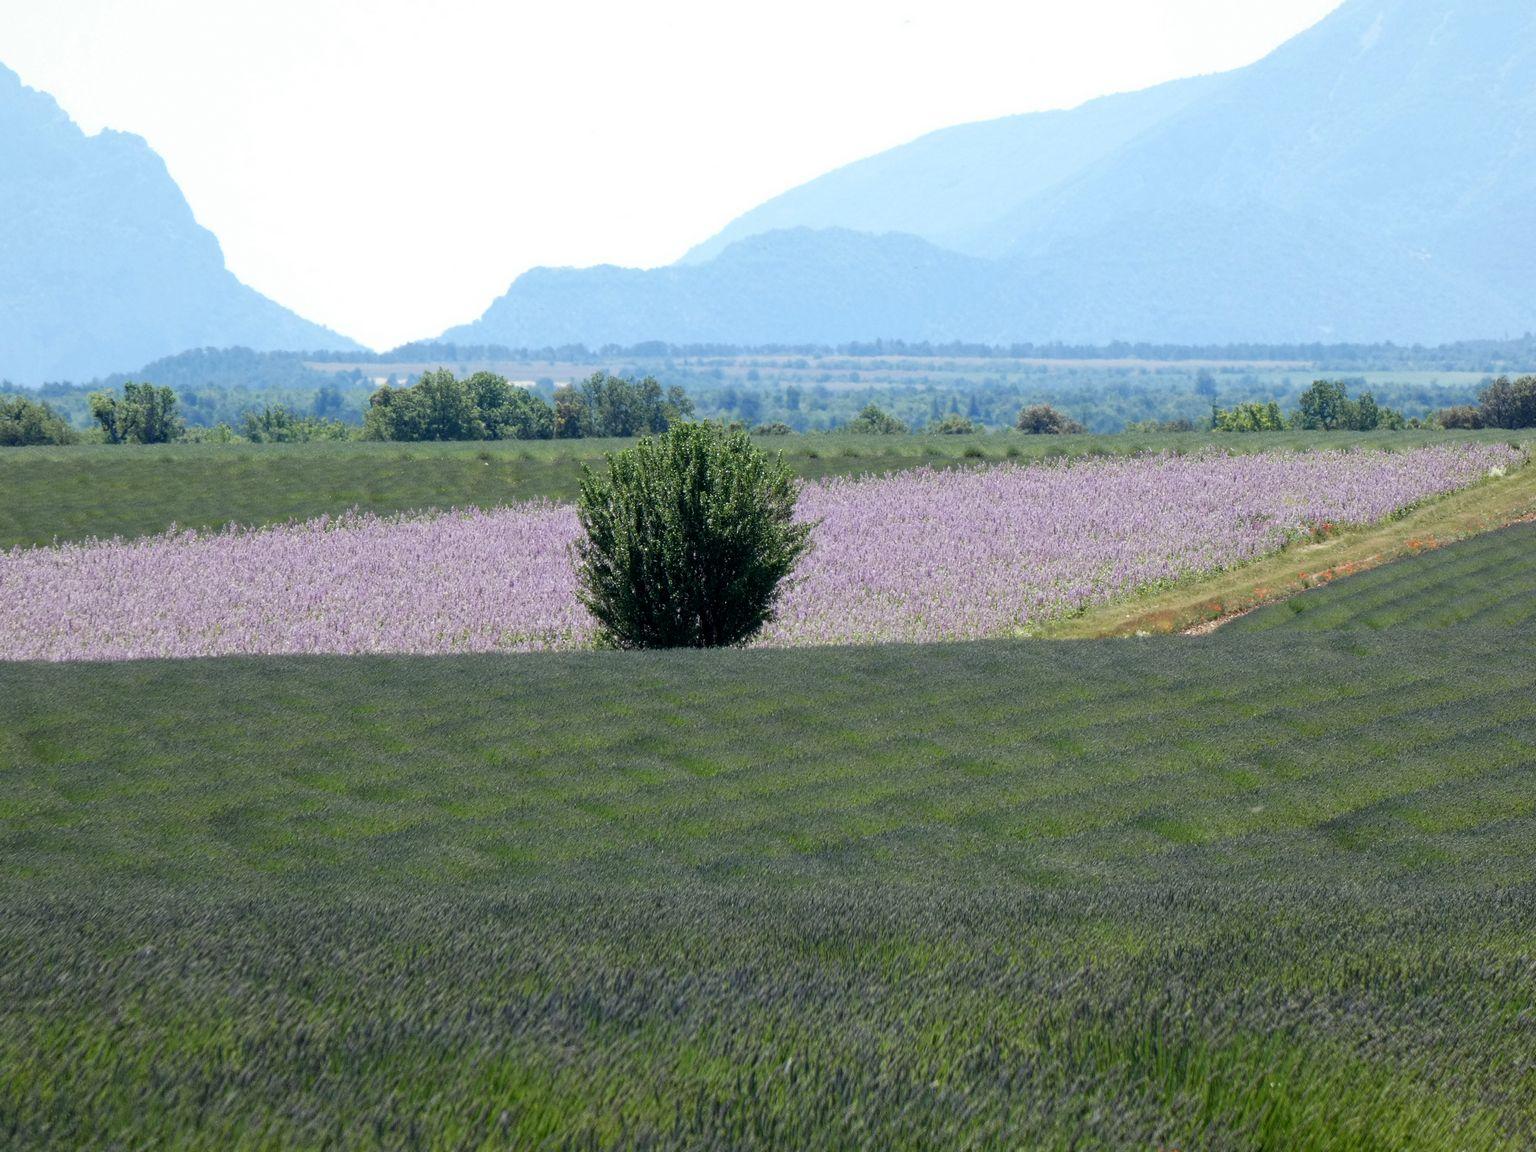 Plus rose que la lavande, des champs de lupins blancs et roses dont les graines servent à la nourriture du bétail. Mais aussi très connus au Portugal sous le nom de Tremoços